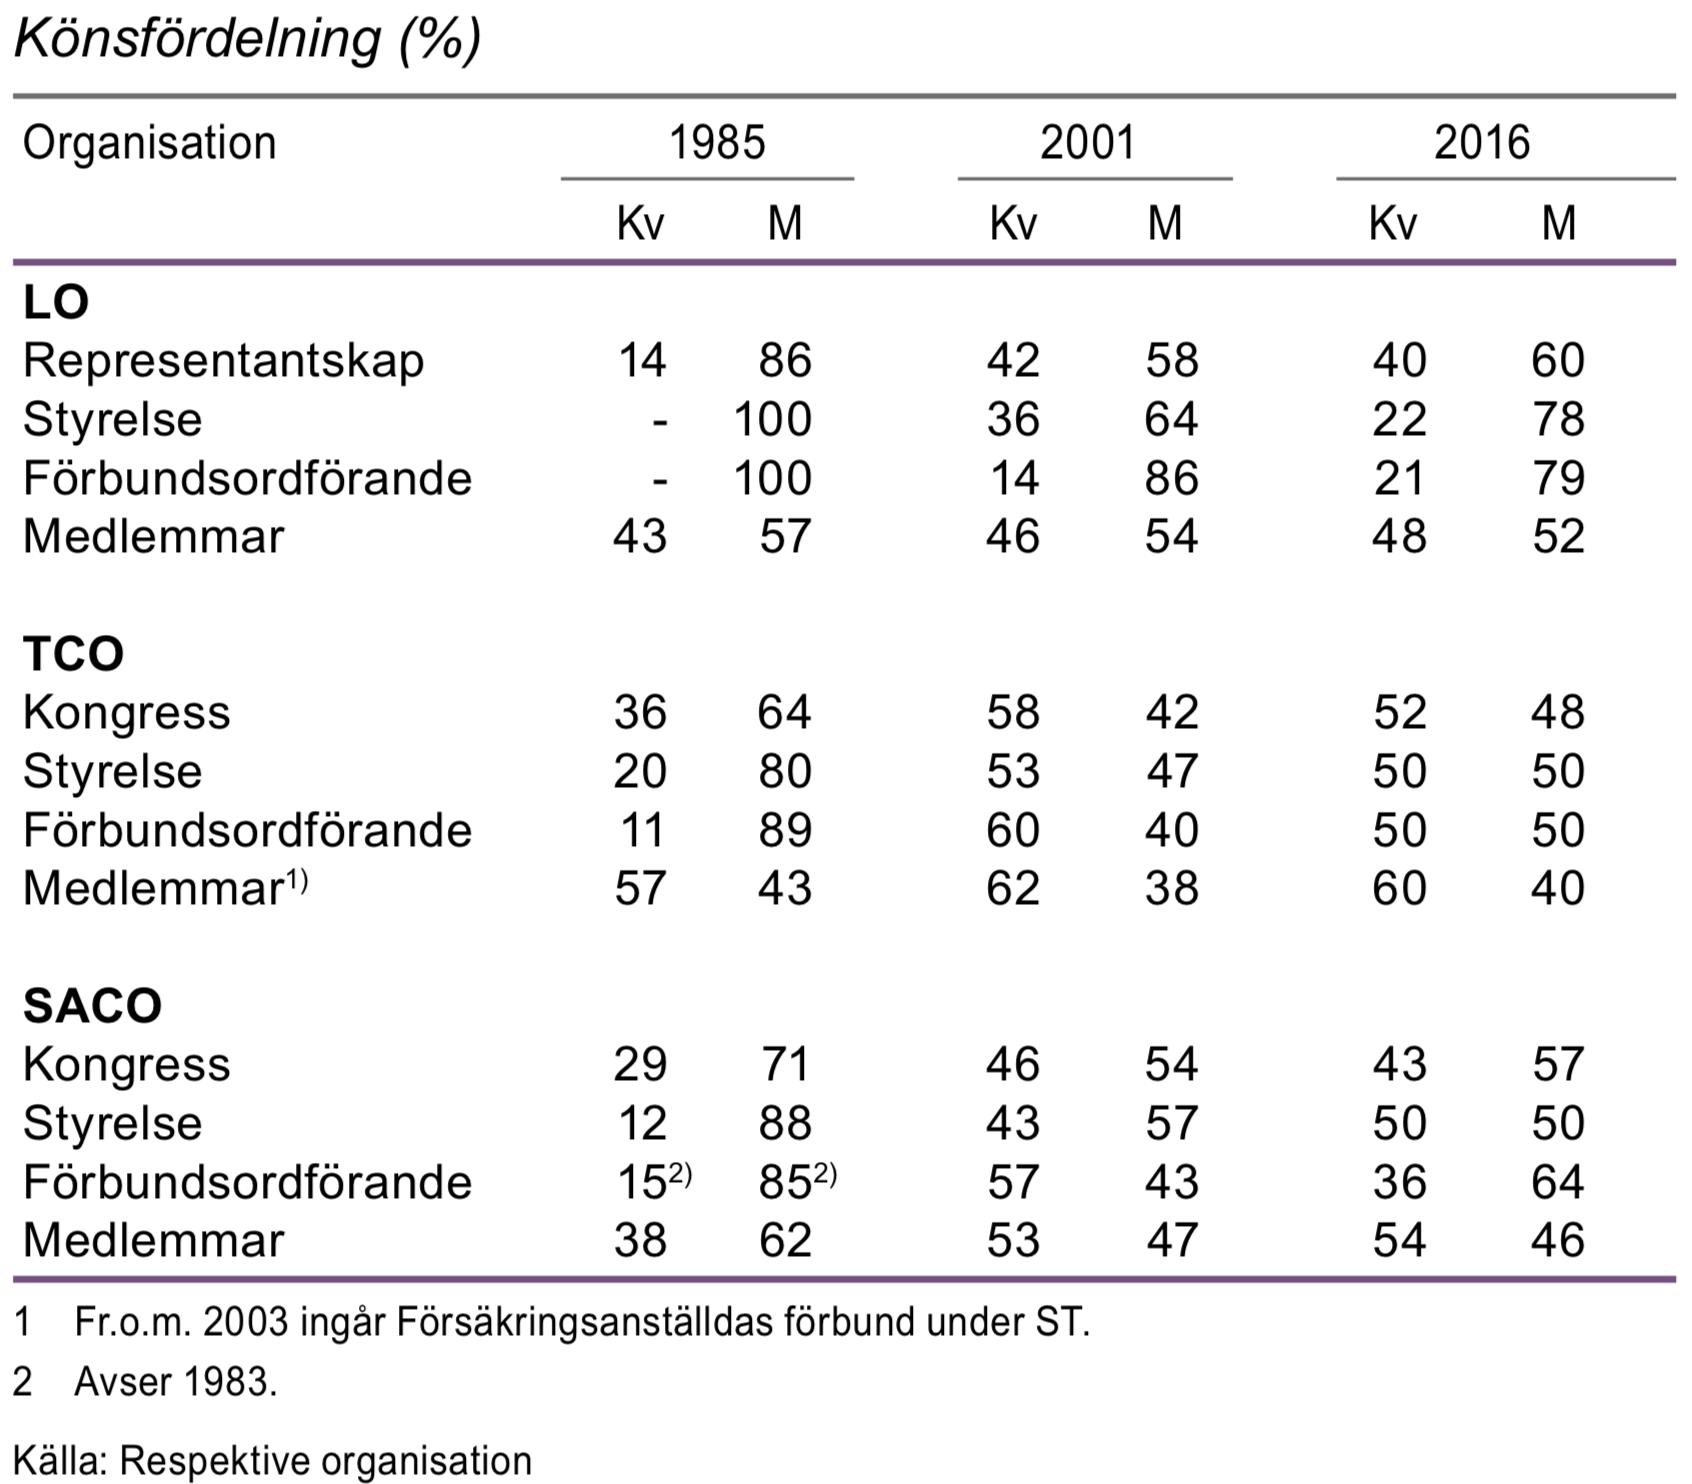 Förtroendevalda och medlemmar inom fackliga organisationer 1985, 2001 och 2016